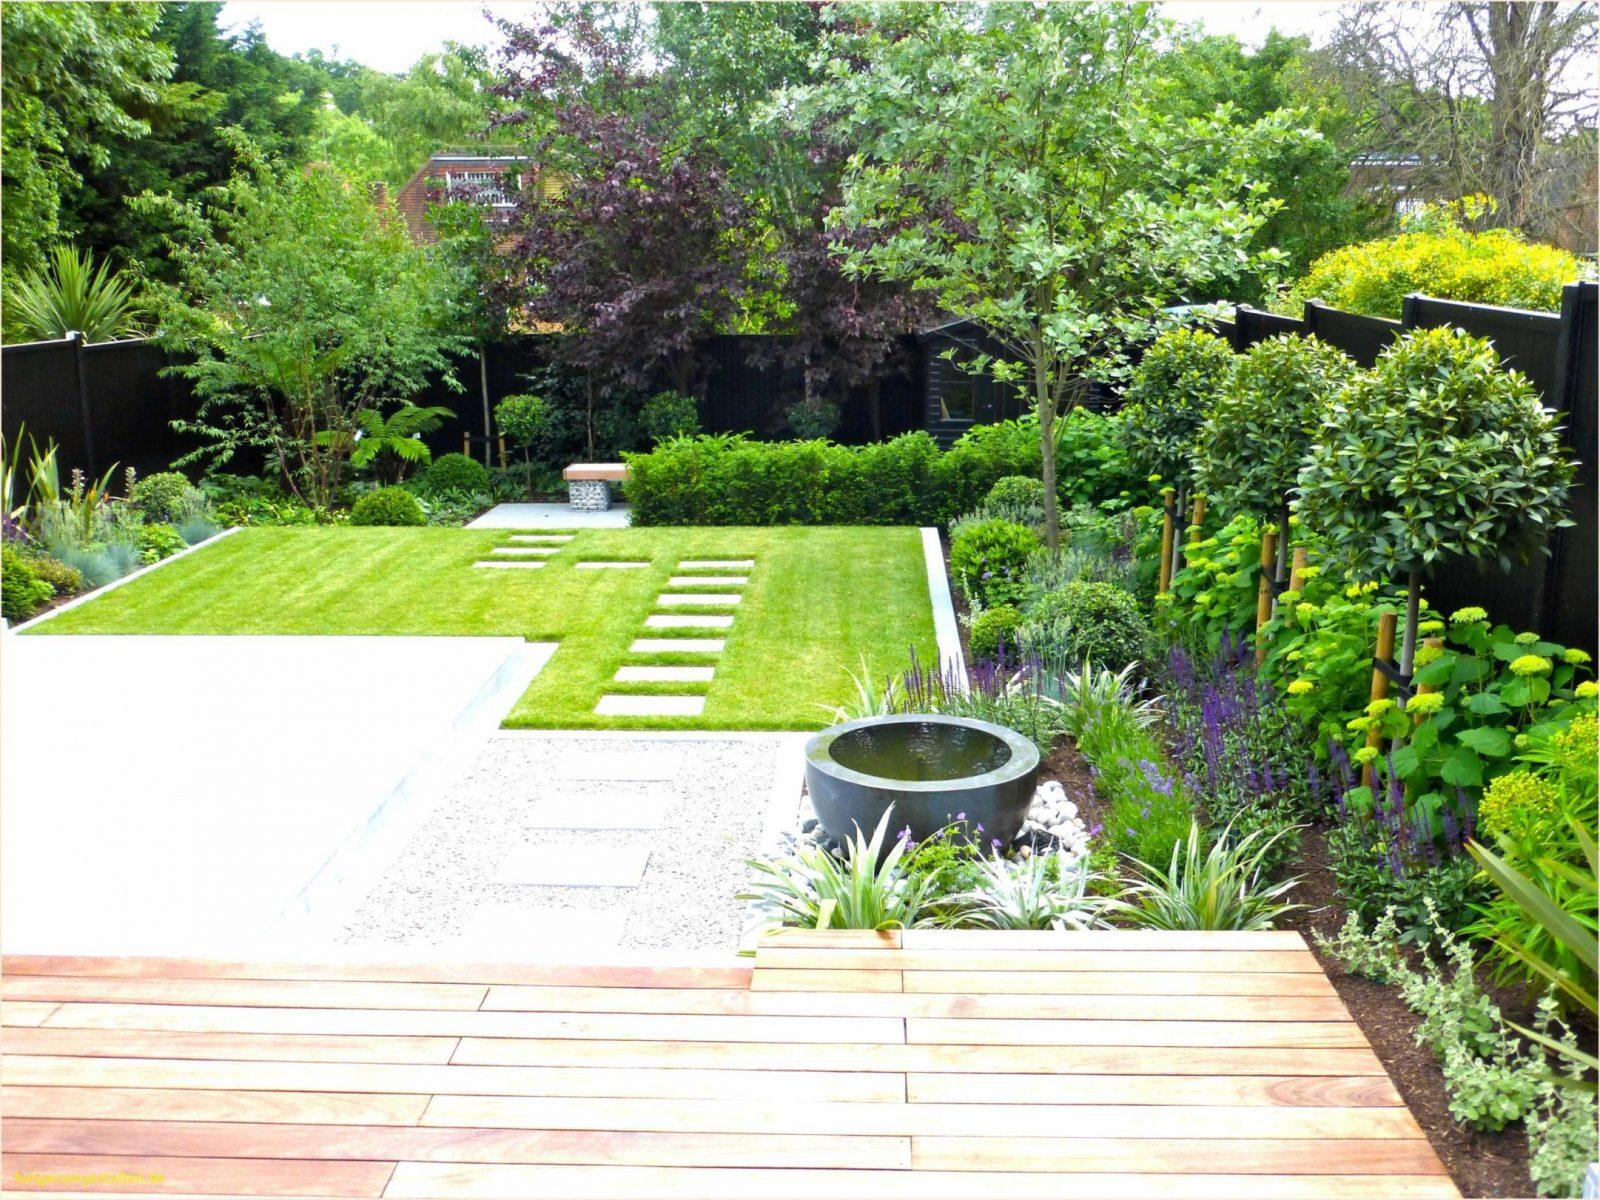 40 Neu Bilder Feuerstelle Im Garten  Hope4Mito von Offene Feuerstelle Garten Selber Bauen Bild